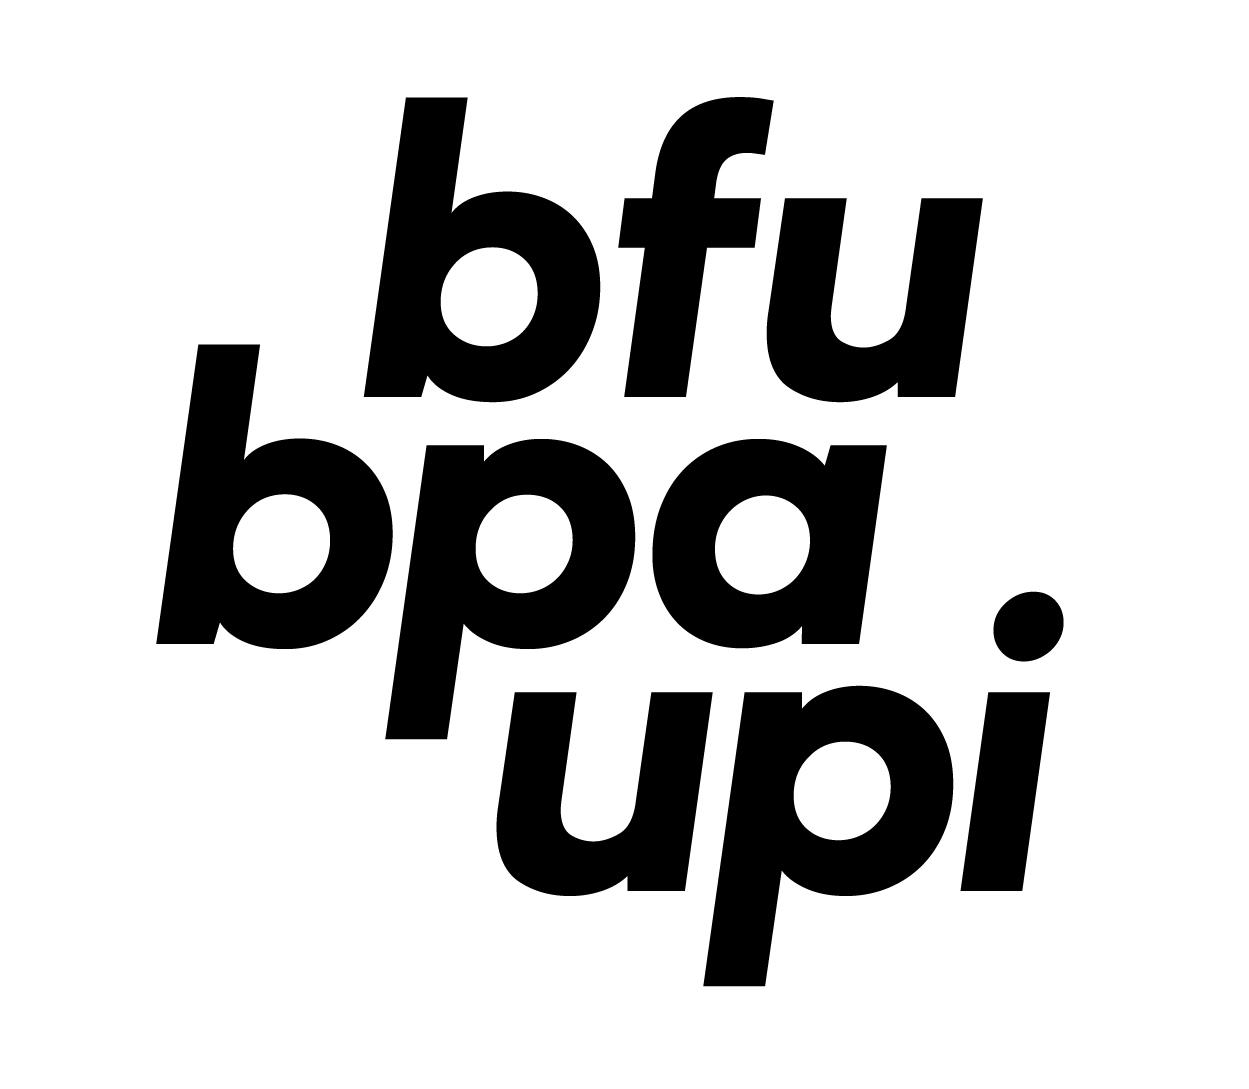 Neuer Markenauftritt der BFU | BFU